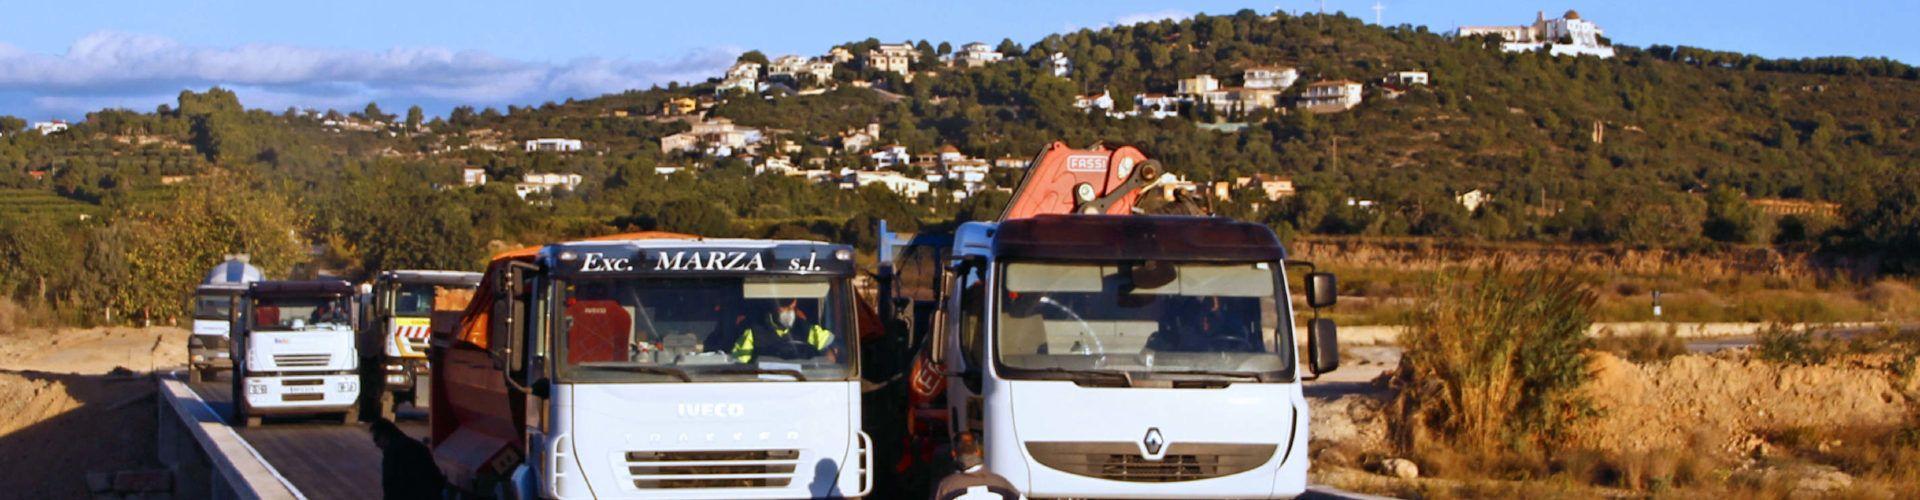 Fotos: prova de càrrega del pont de l'ermita a Vinaròs